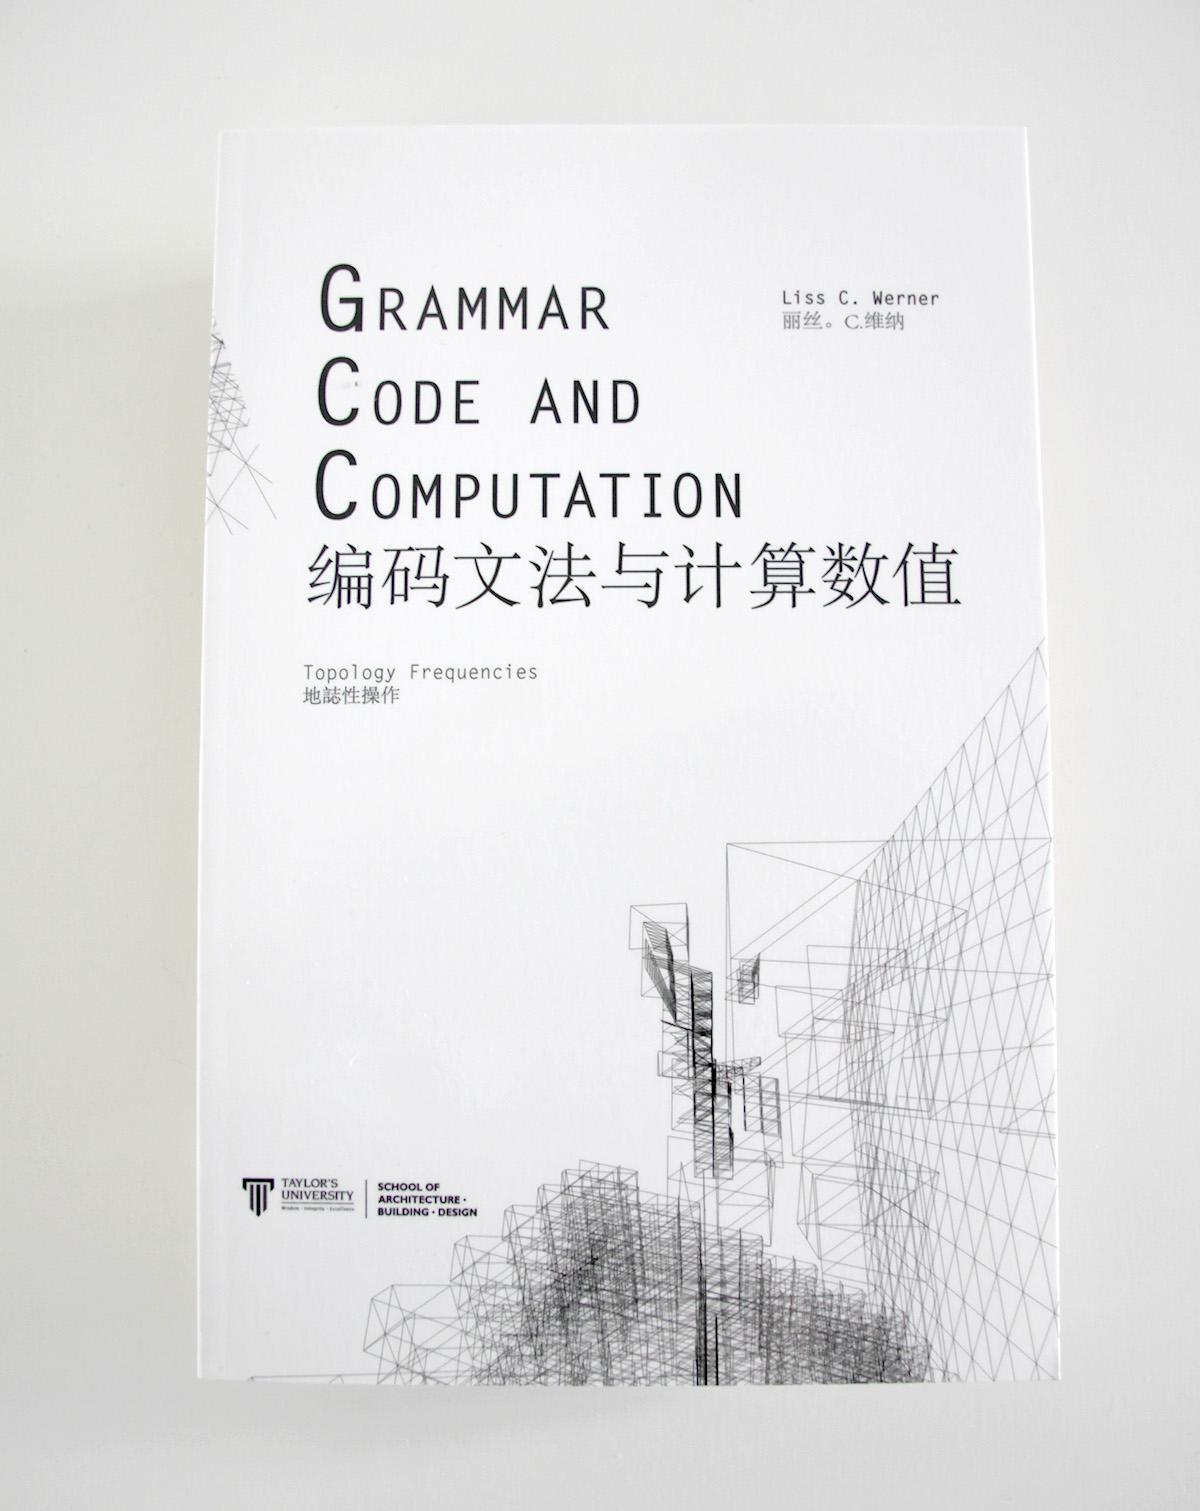 GrammarCodeComputation-front